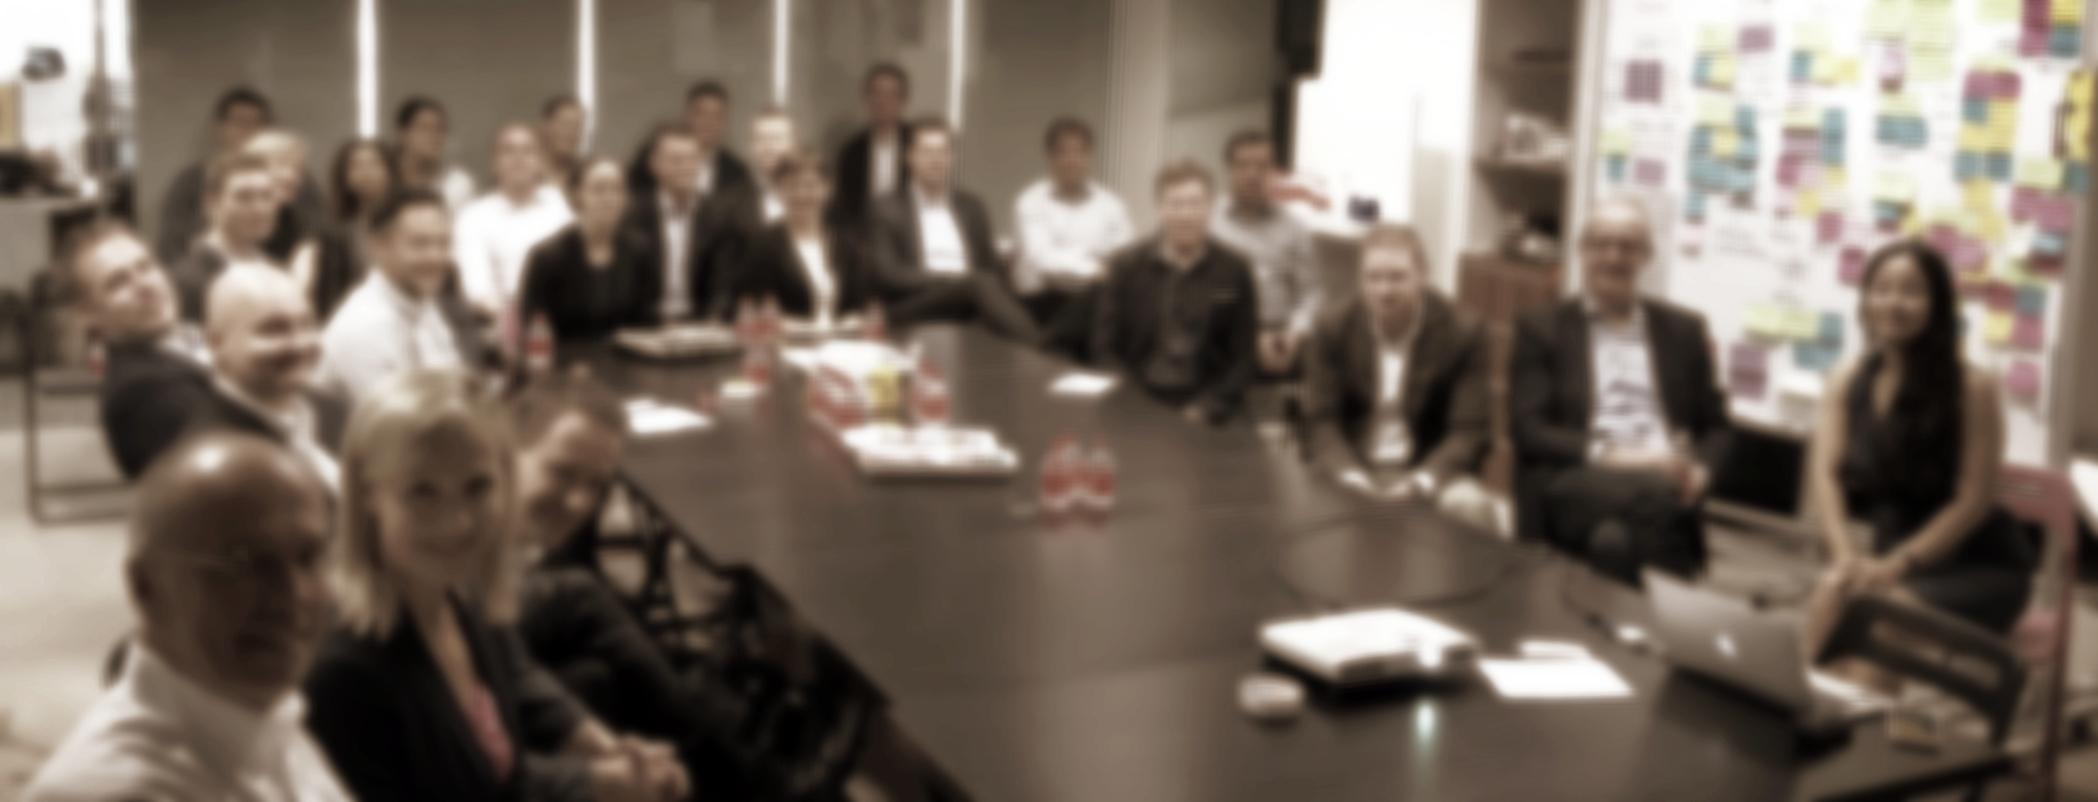 Group_at_FRANK.jpg